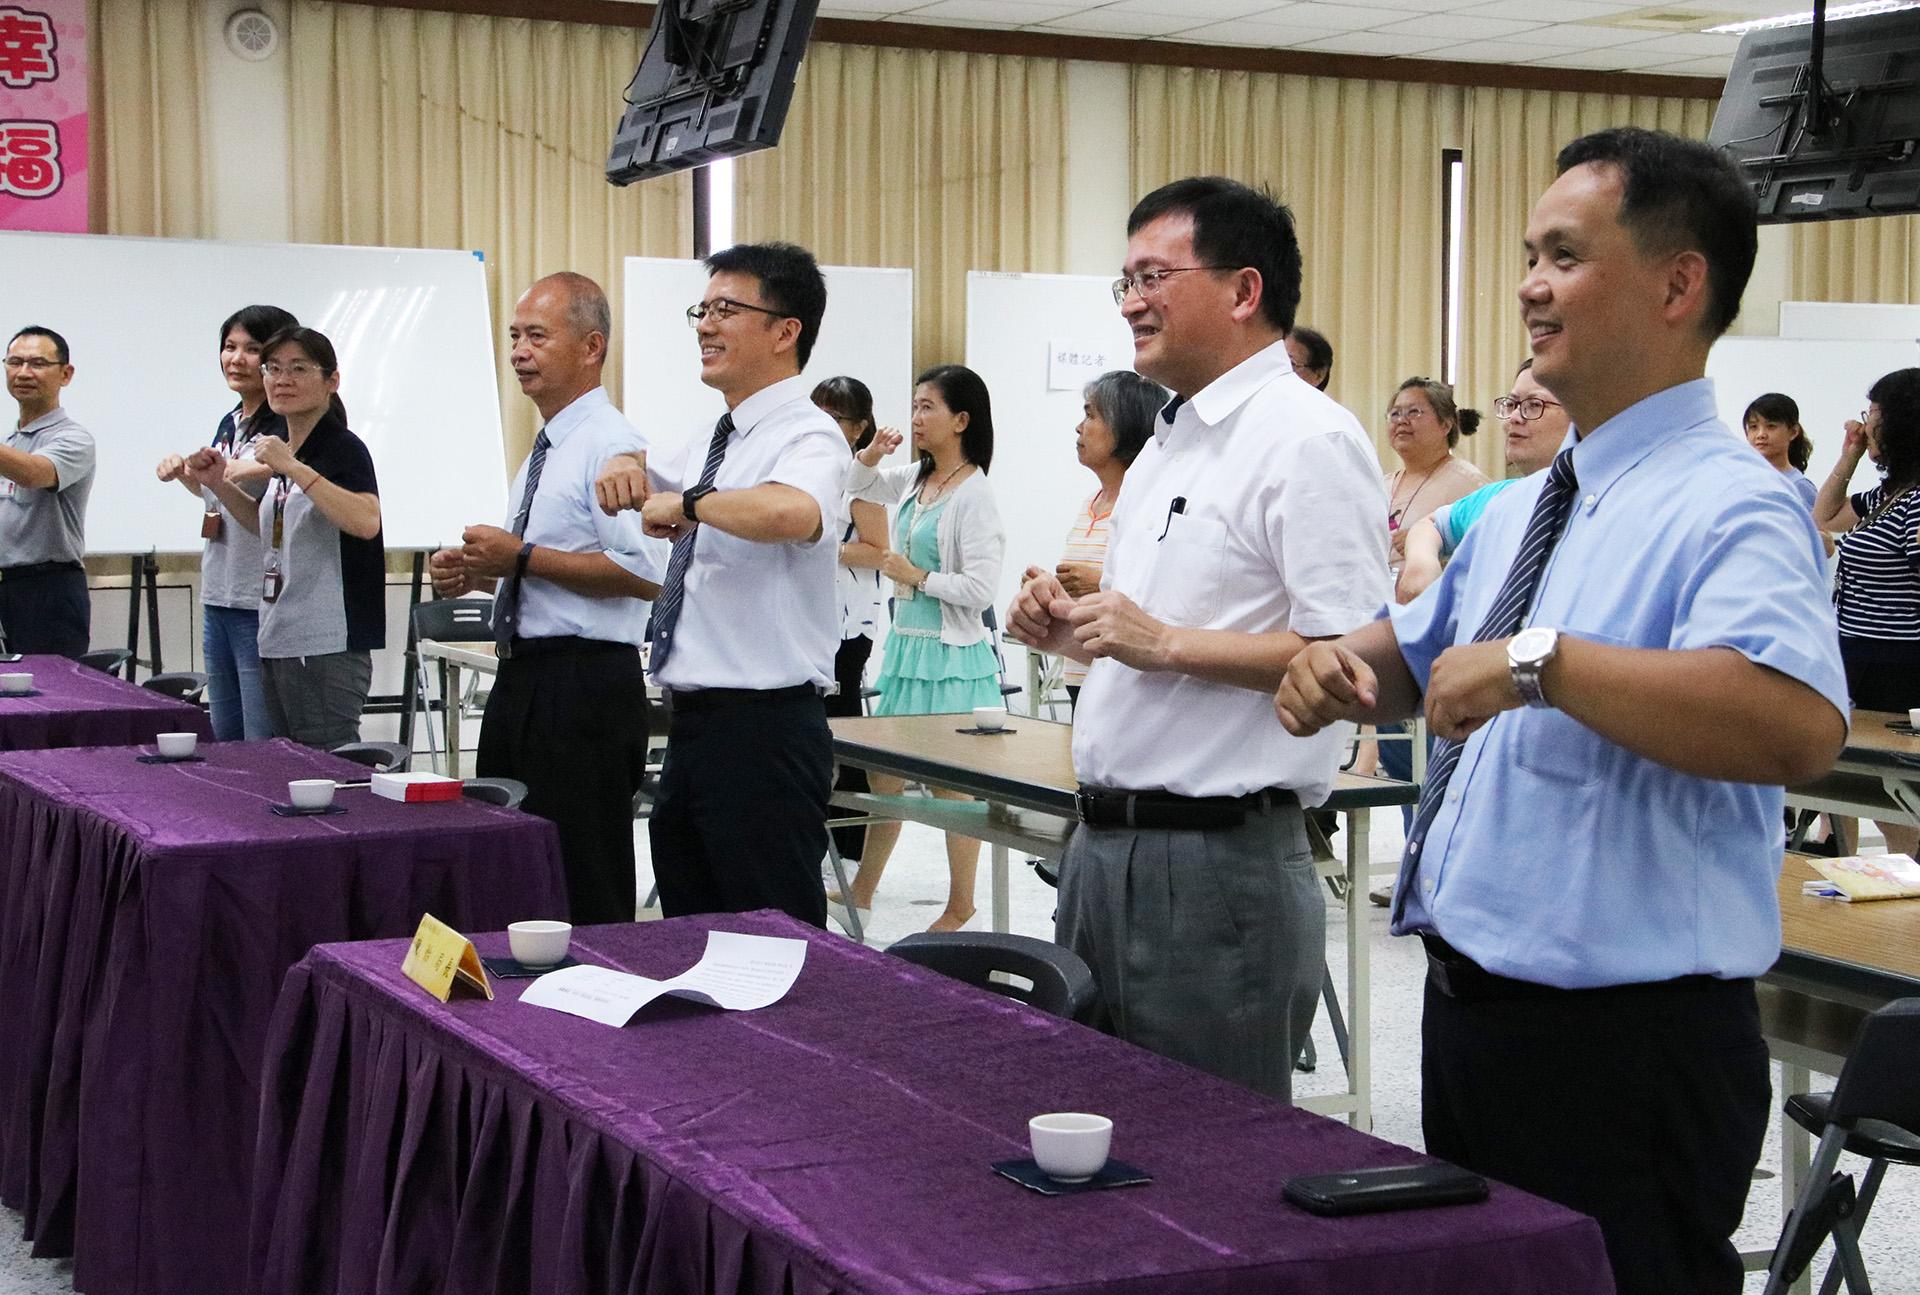 台南市衛生局「蔬食享健康 環保低碳一起來」活動並結合〈我的餐盤〉、〈吃菜尚介讚〉帶動。